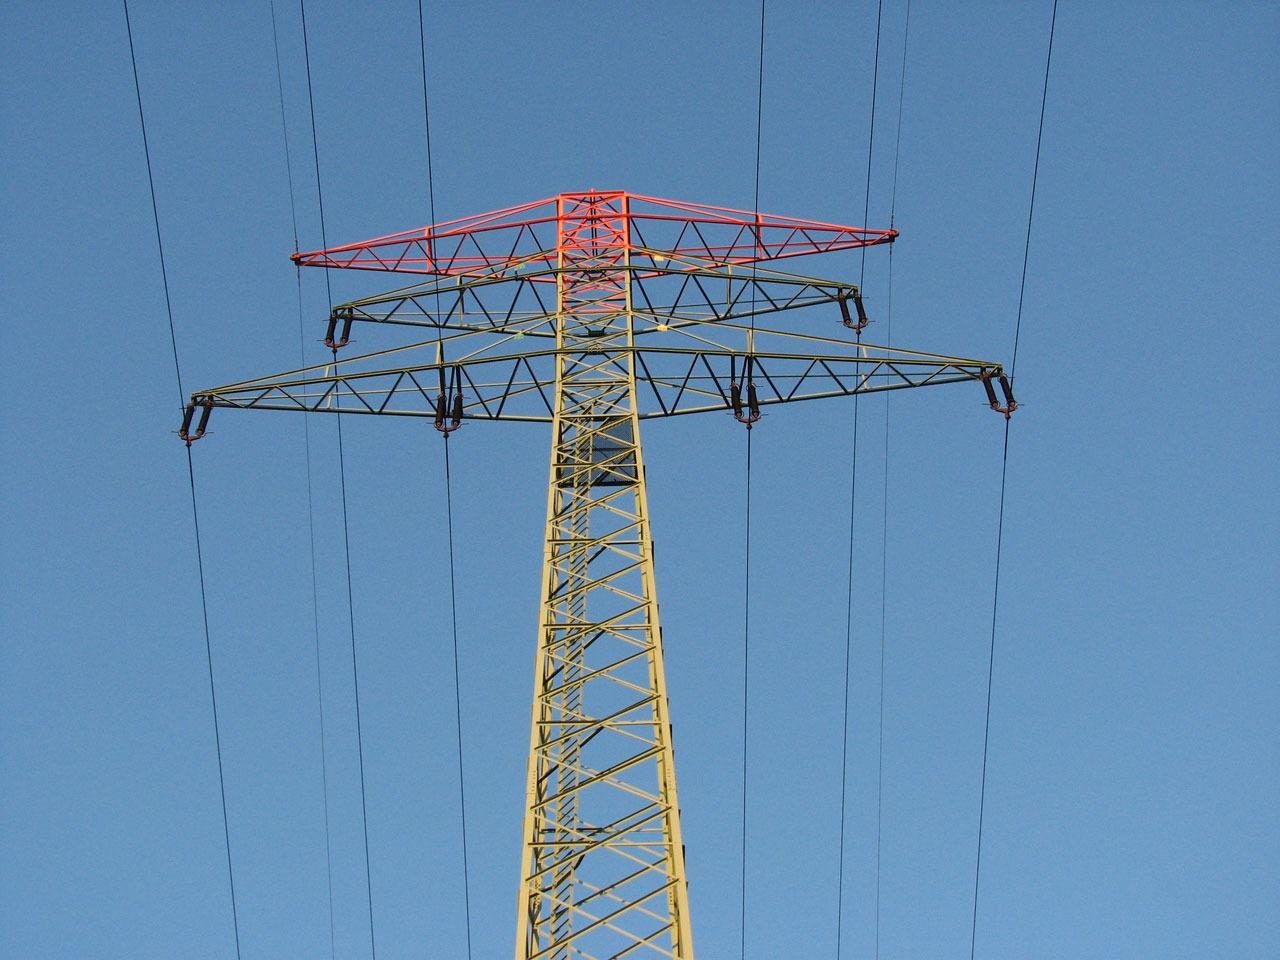 Fotos gratis : tecnología, línea, torre, Línea eléctrica, mástil ...